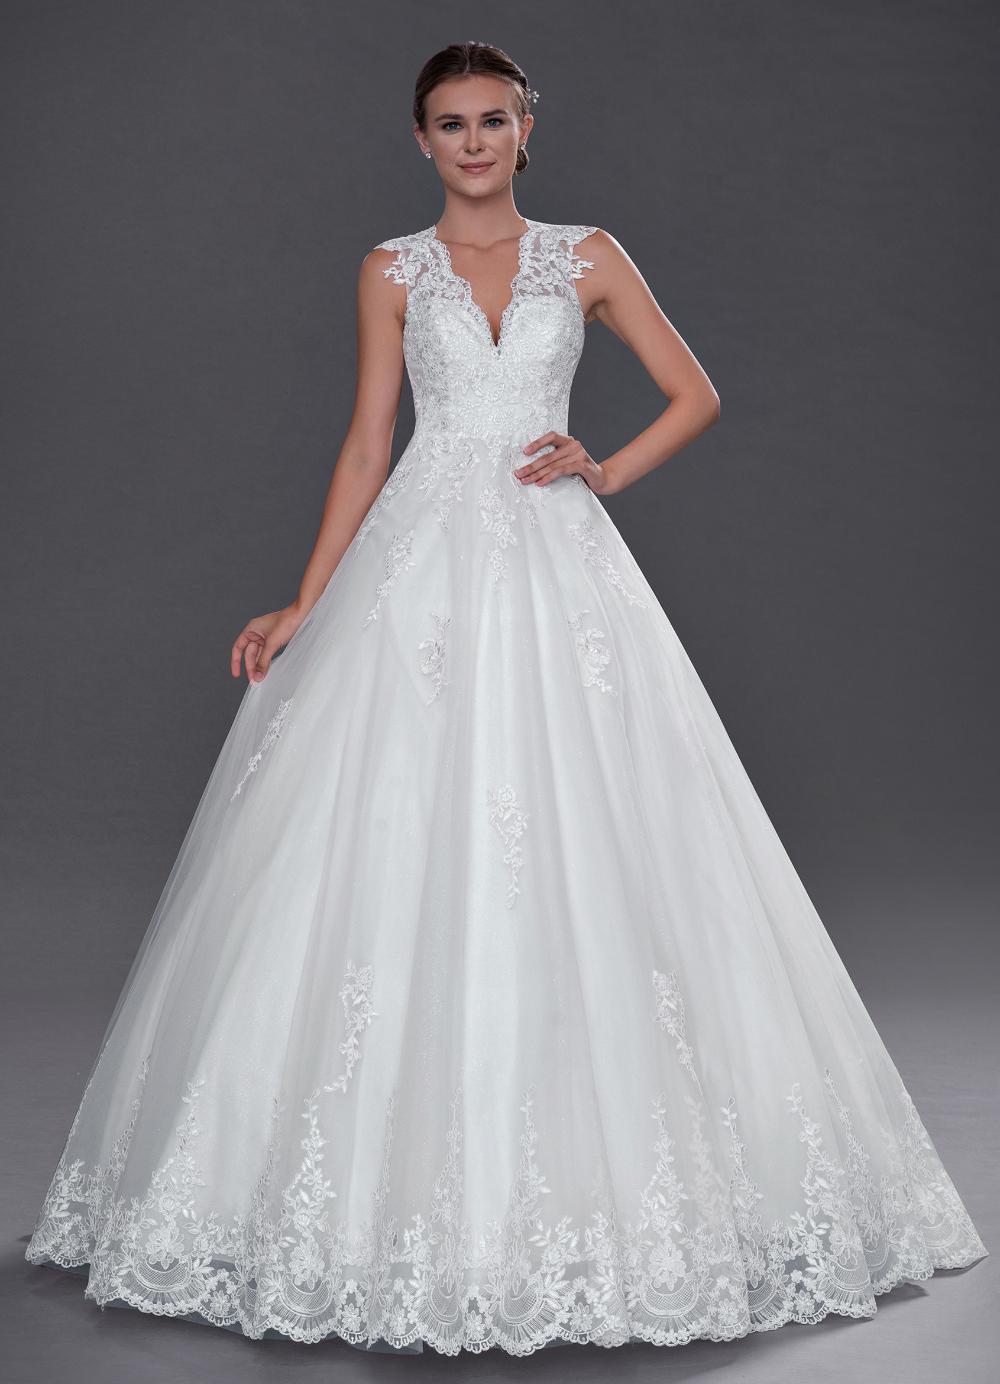 Azazie Cicely BG Wedding Dress Diamond White Azazie in